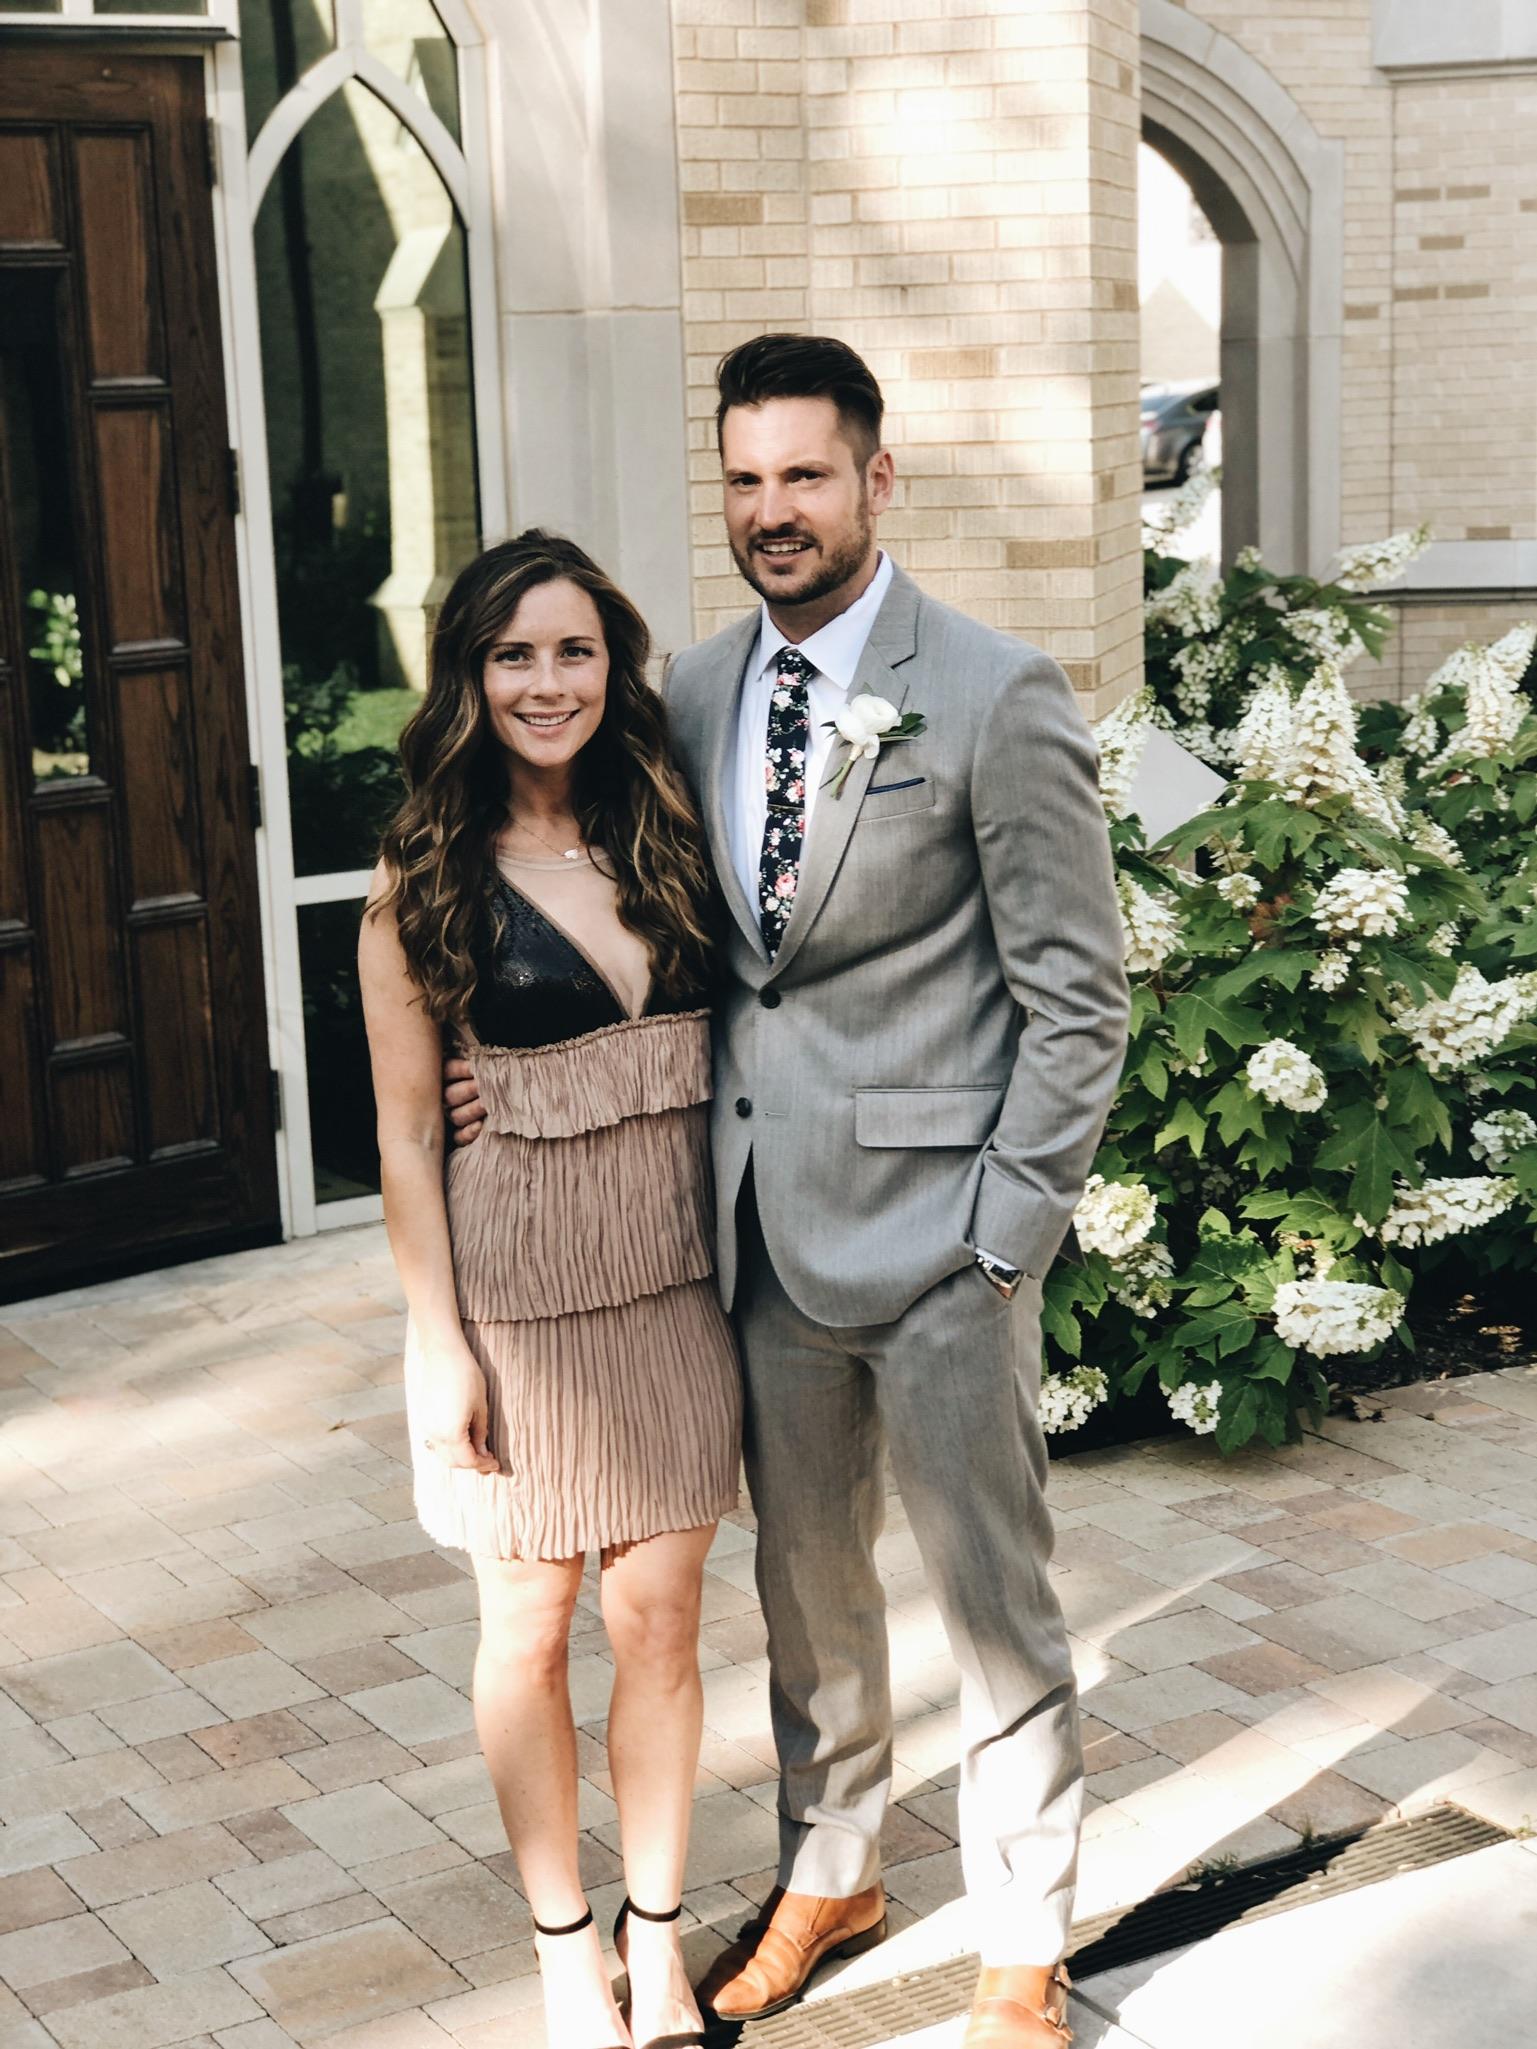 Weekend Update: A Texas Wedding